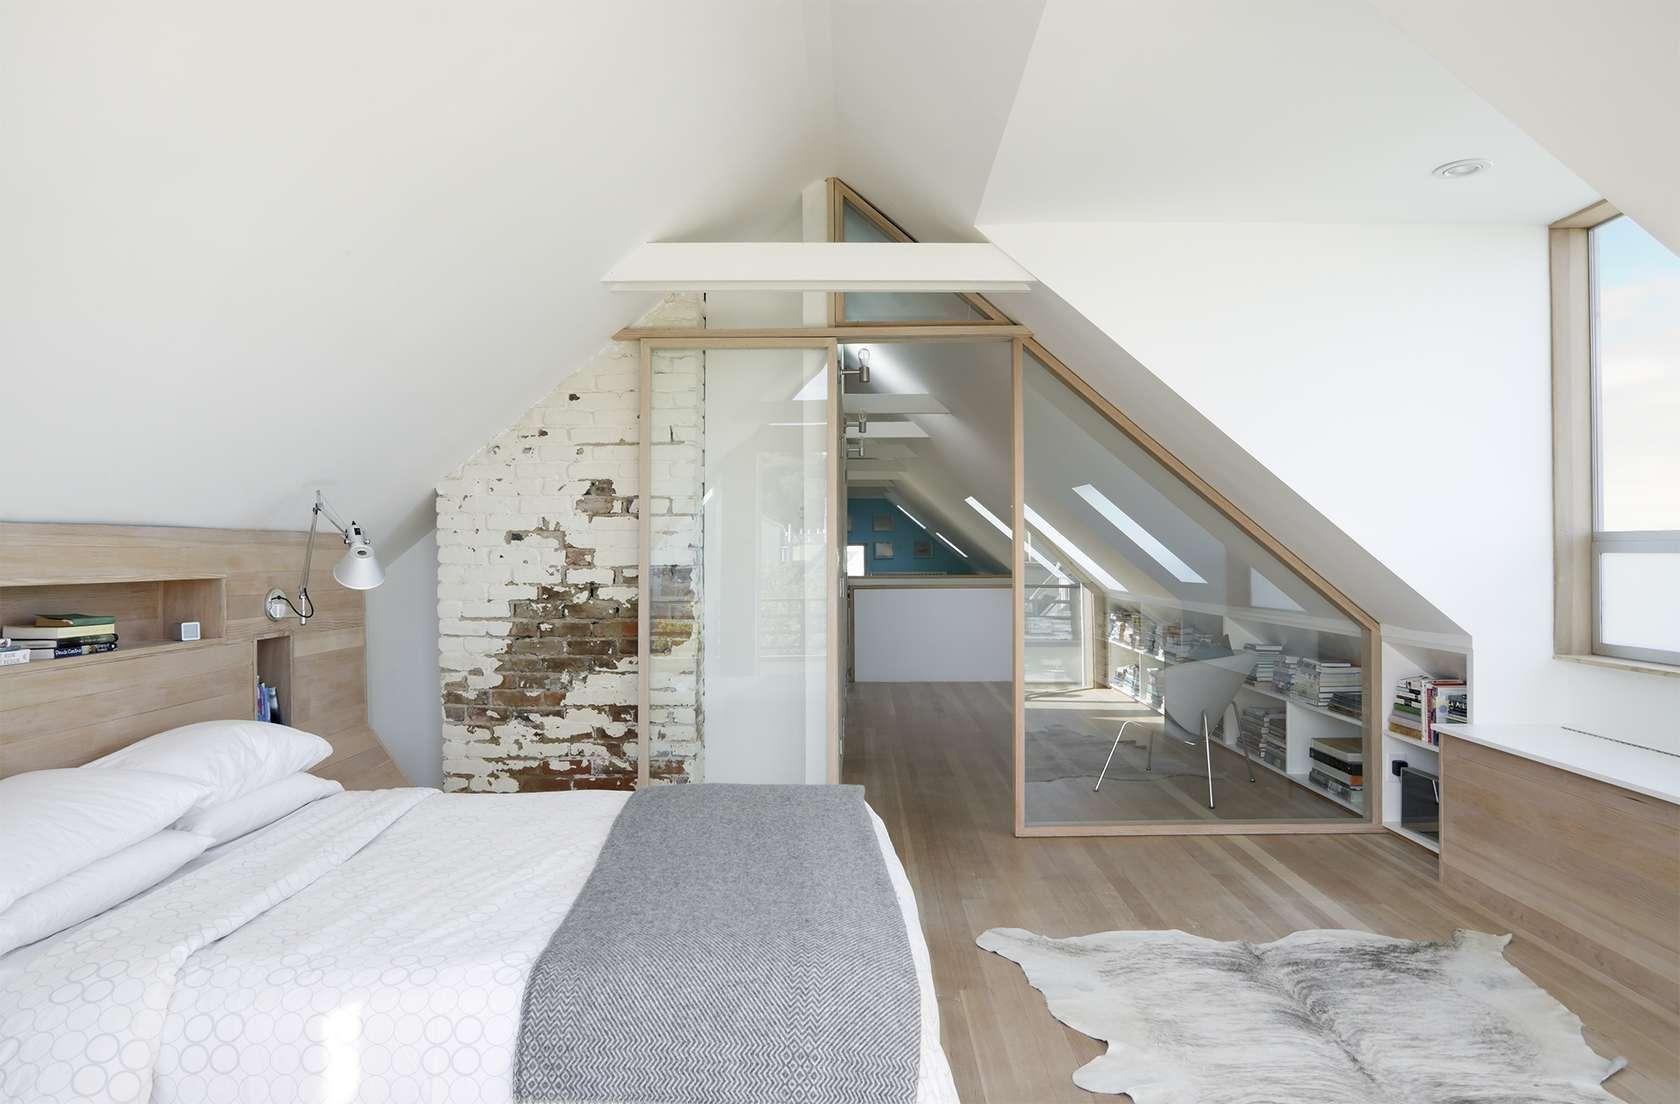 Скляні перегородки в квартирі (50 фото): як створити прозору стіну